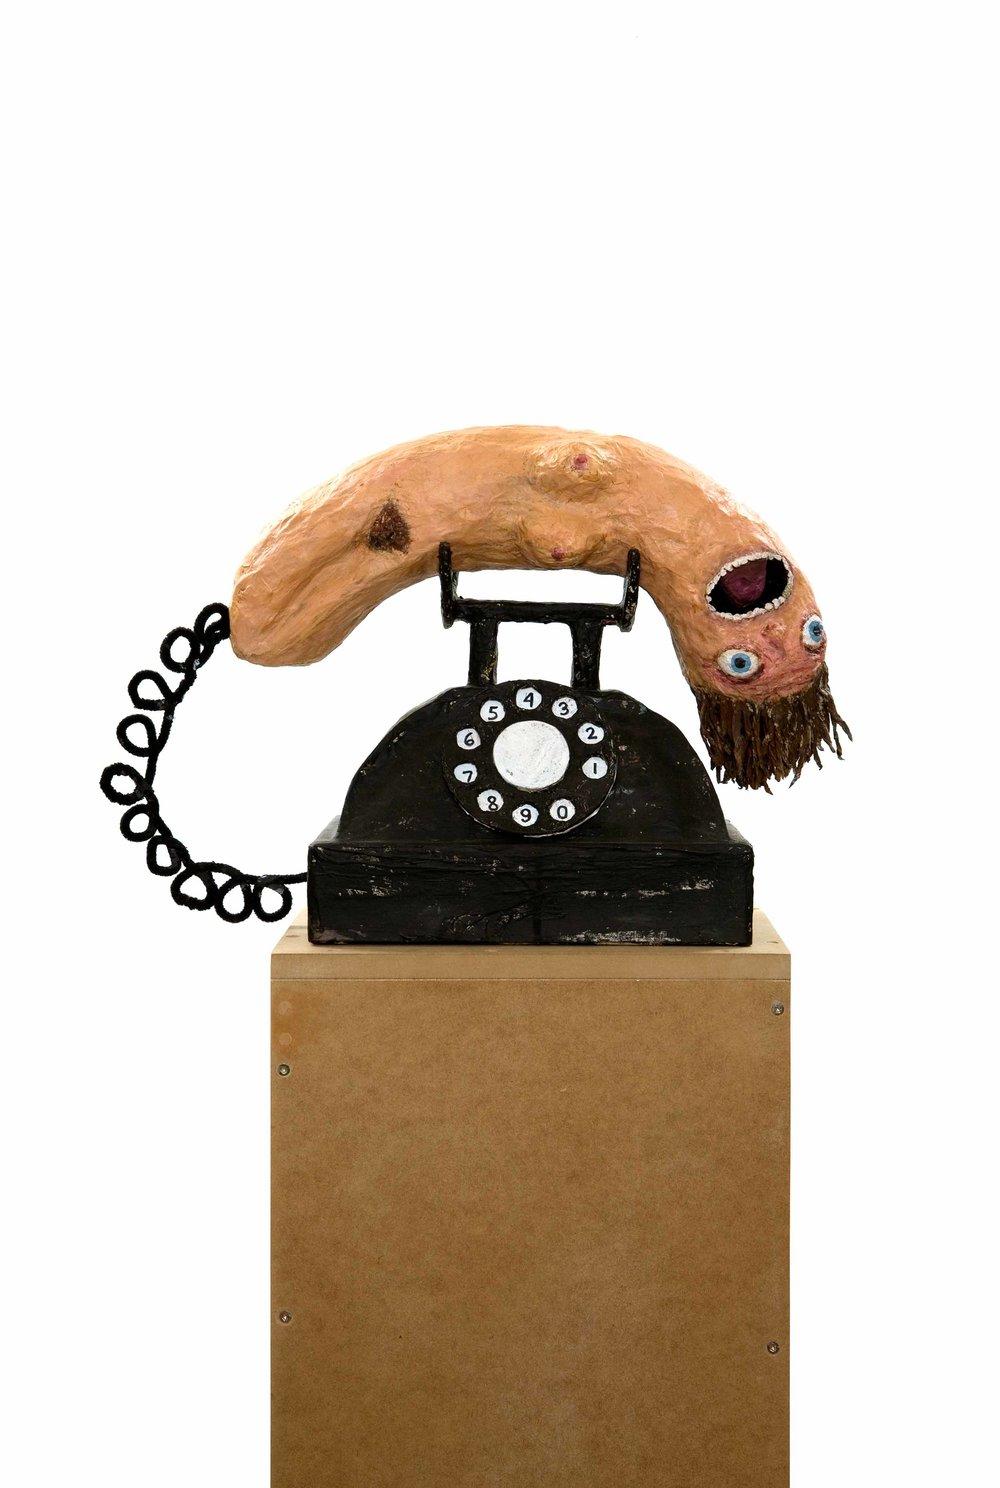 Telephone , 2010.Paper, glue, wire, cardboard, gouache, 33 x 18 x 36 cm.